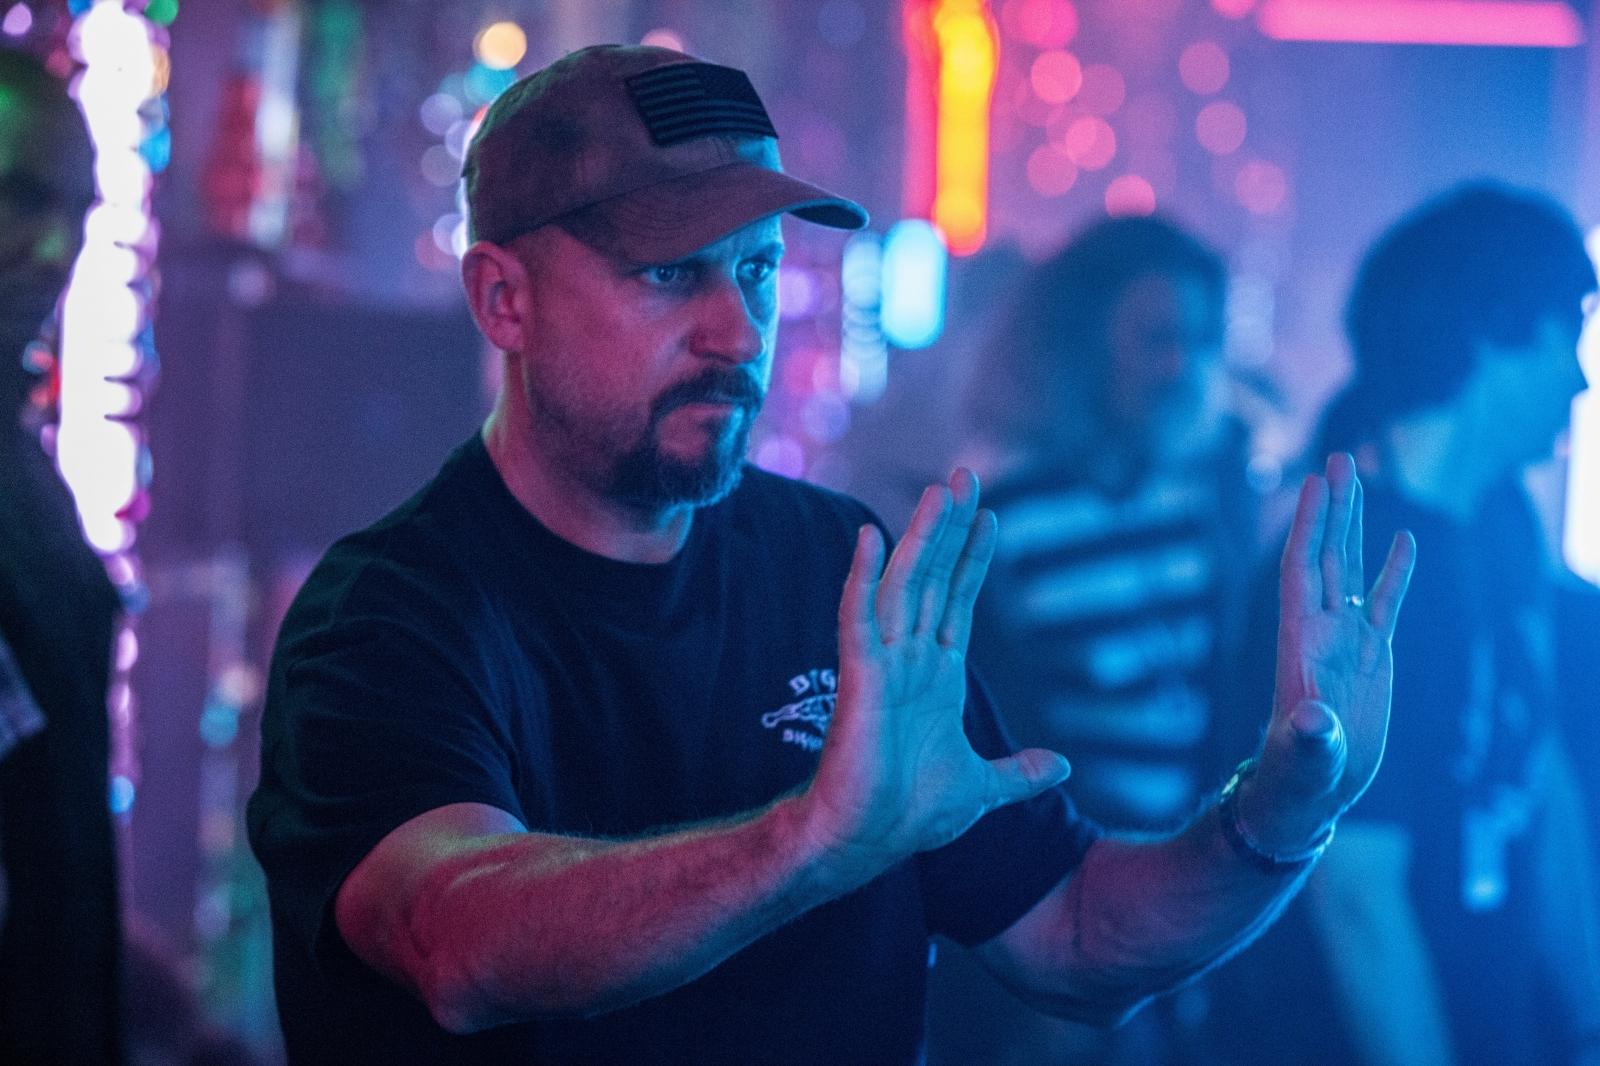 デヴィッド・エアー監督 Netflixオリジナル映画『ブライト』 12月22日全世界同時オンラインストリーミング